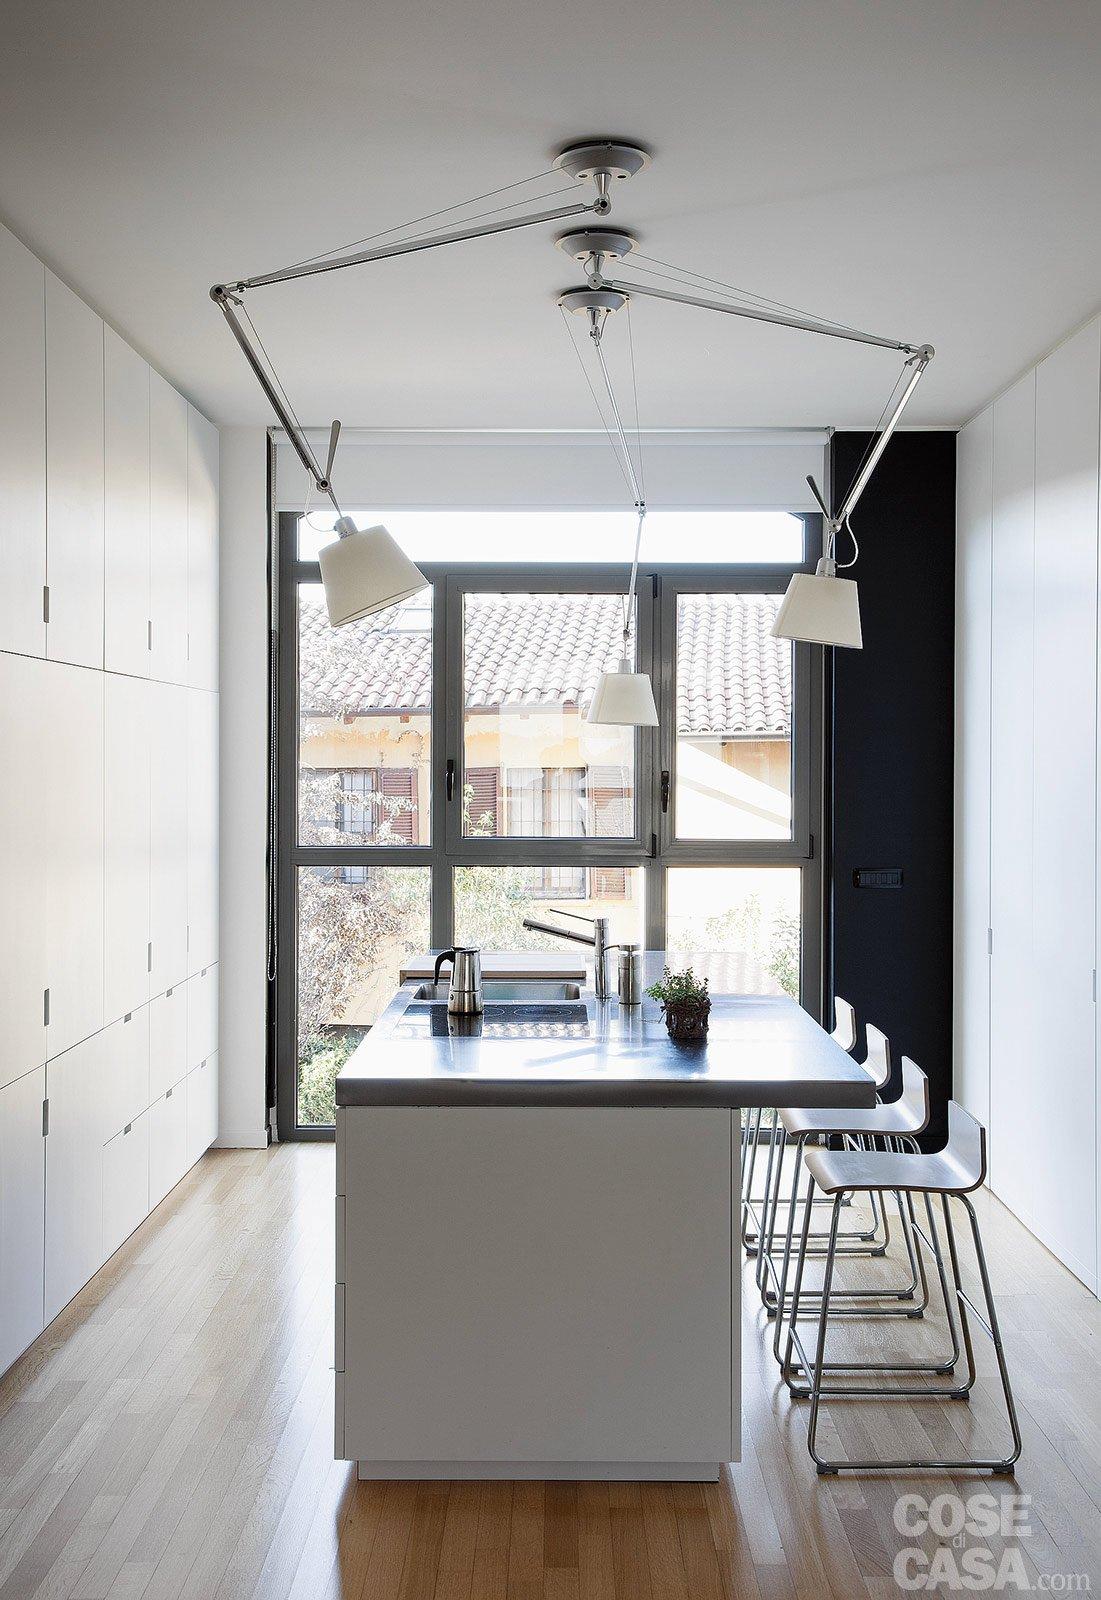 60 50 mq una casa con elementi a scomparsa cose di casa for Megauno civitanova arredamento